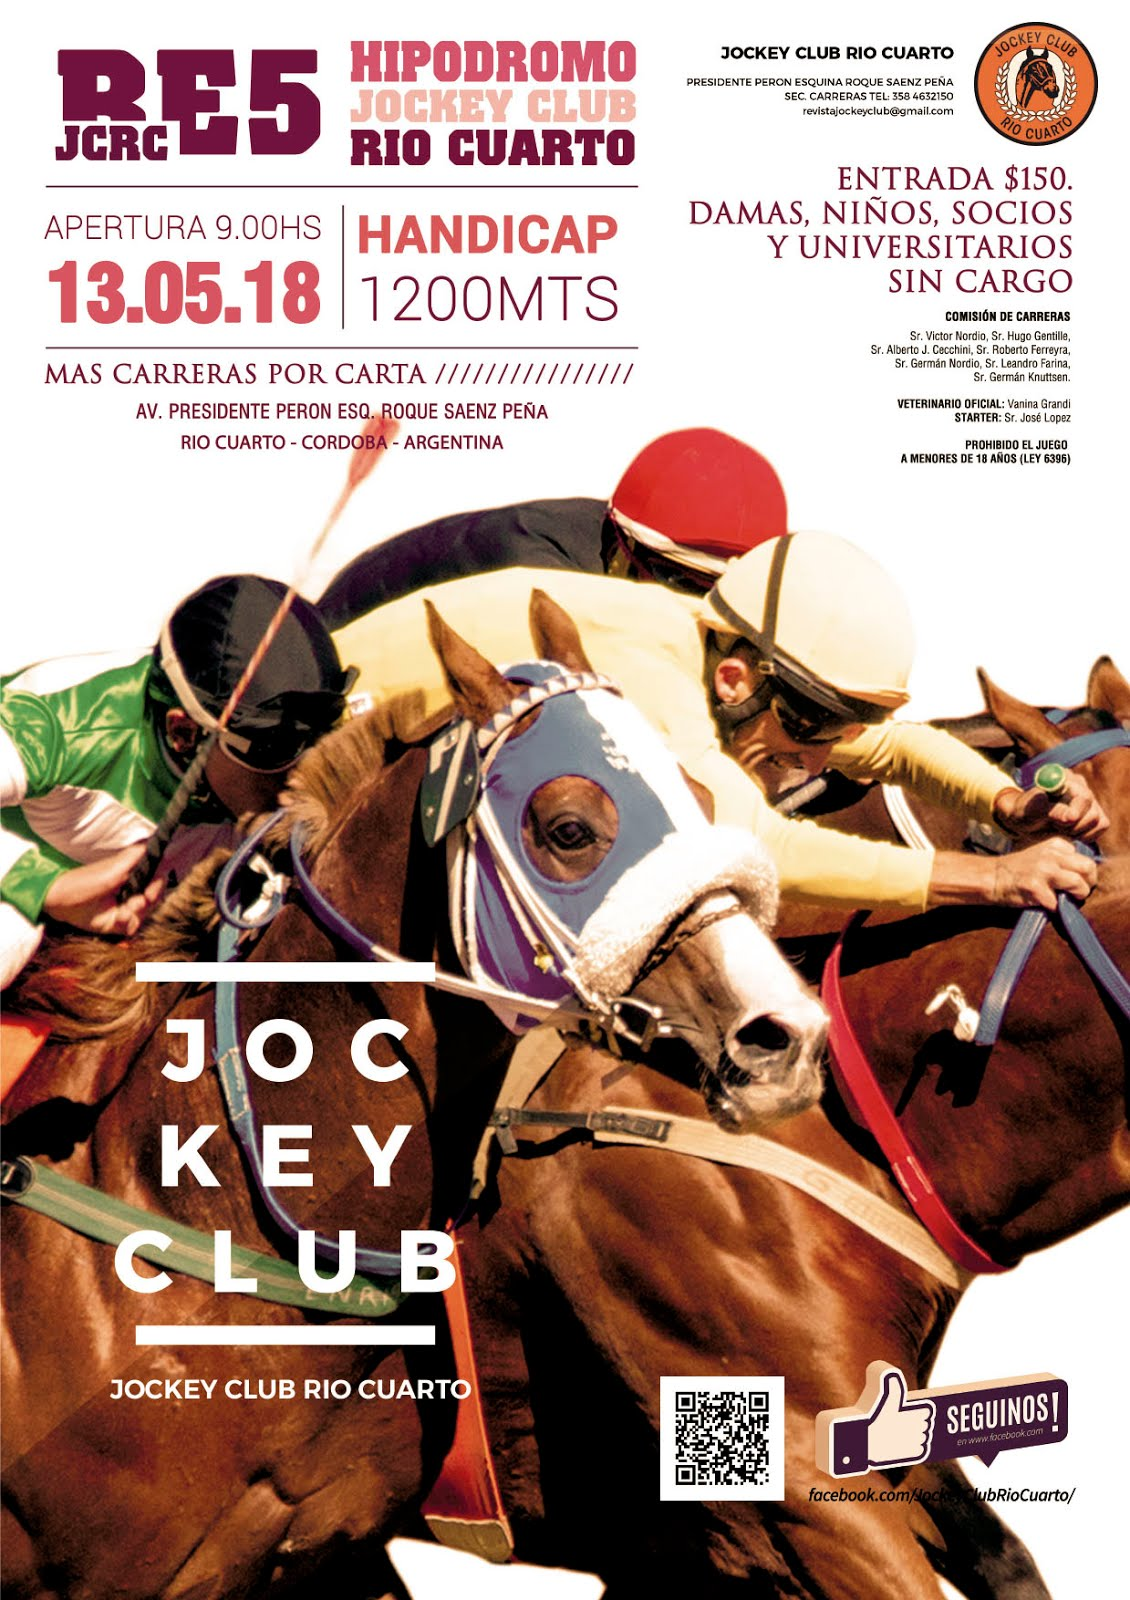 Programa de Carrera - 13 de Mayo - Hipódromo Jockey Club Río Cuarto